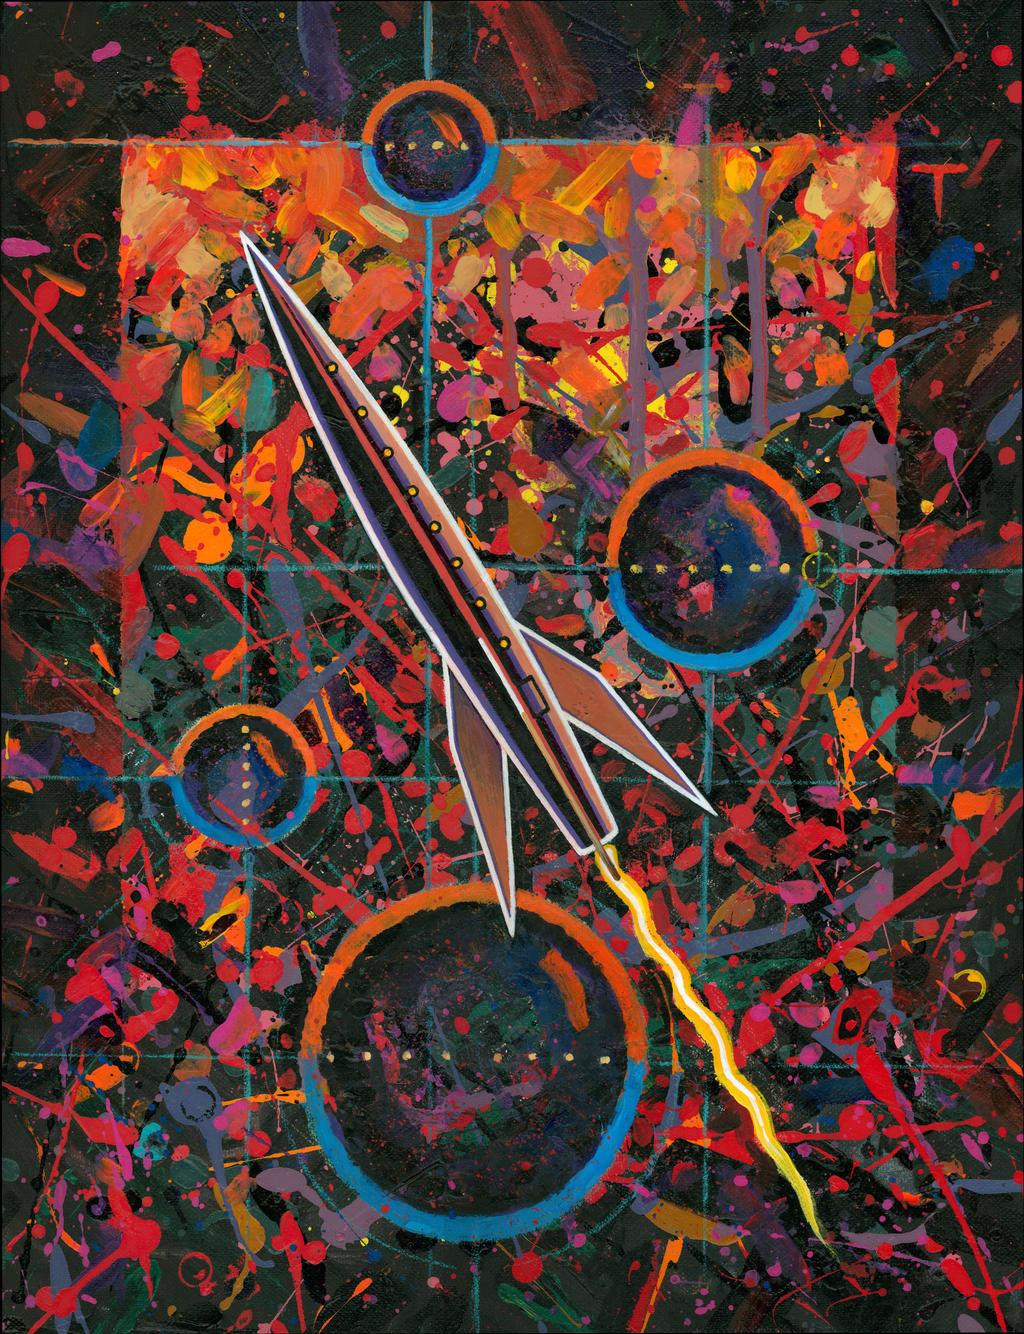 Rocket #91 by peterthorpe